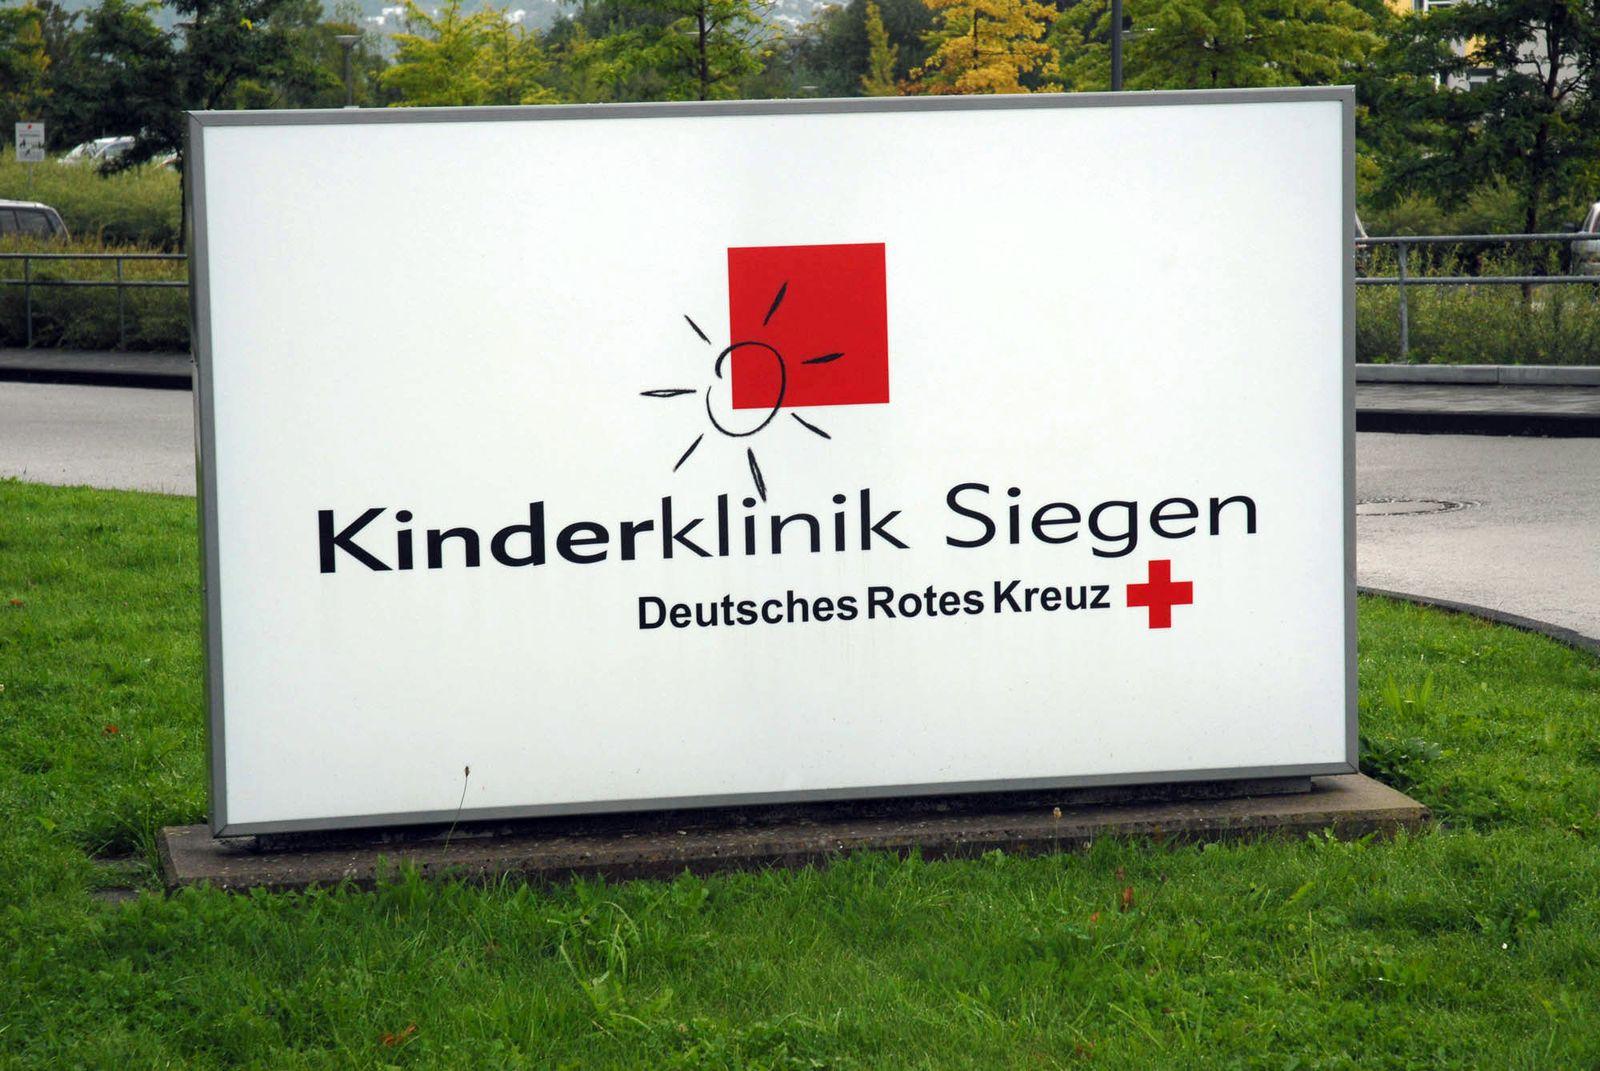 Rätselhafter Tod von drei Frühchen in Kinderklinik Siegen